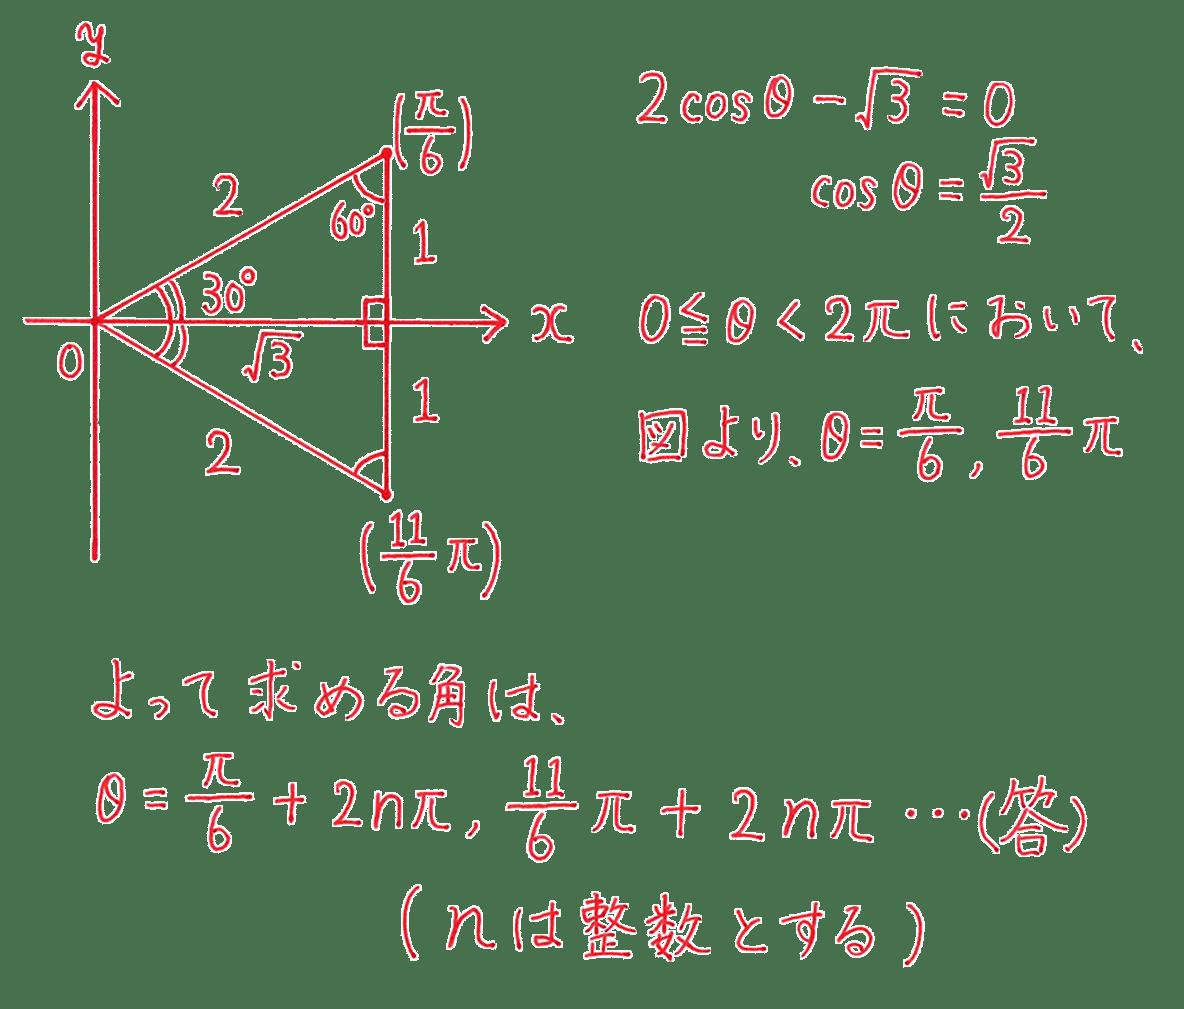 高校数学Ⅱ 三角関数17 練習 答え